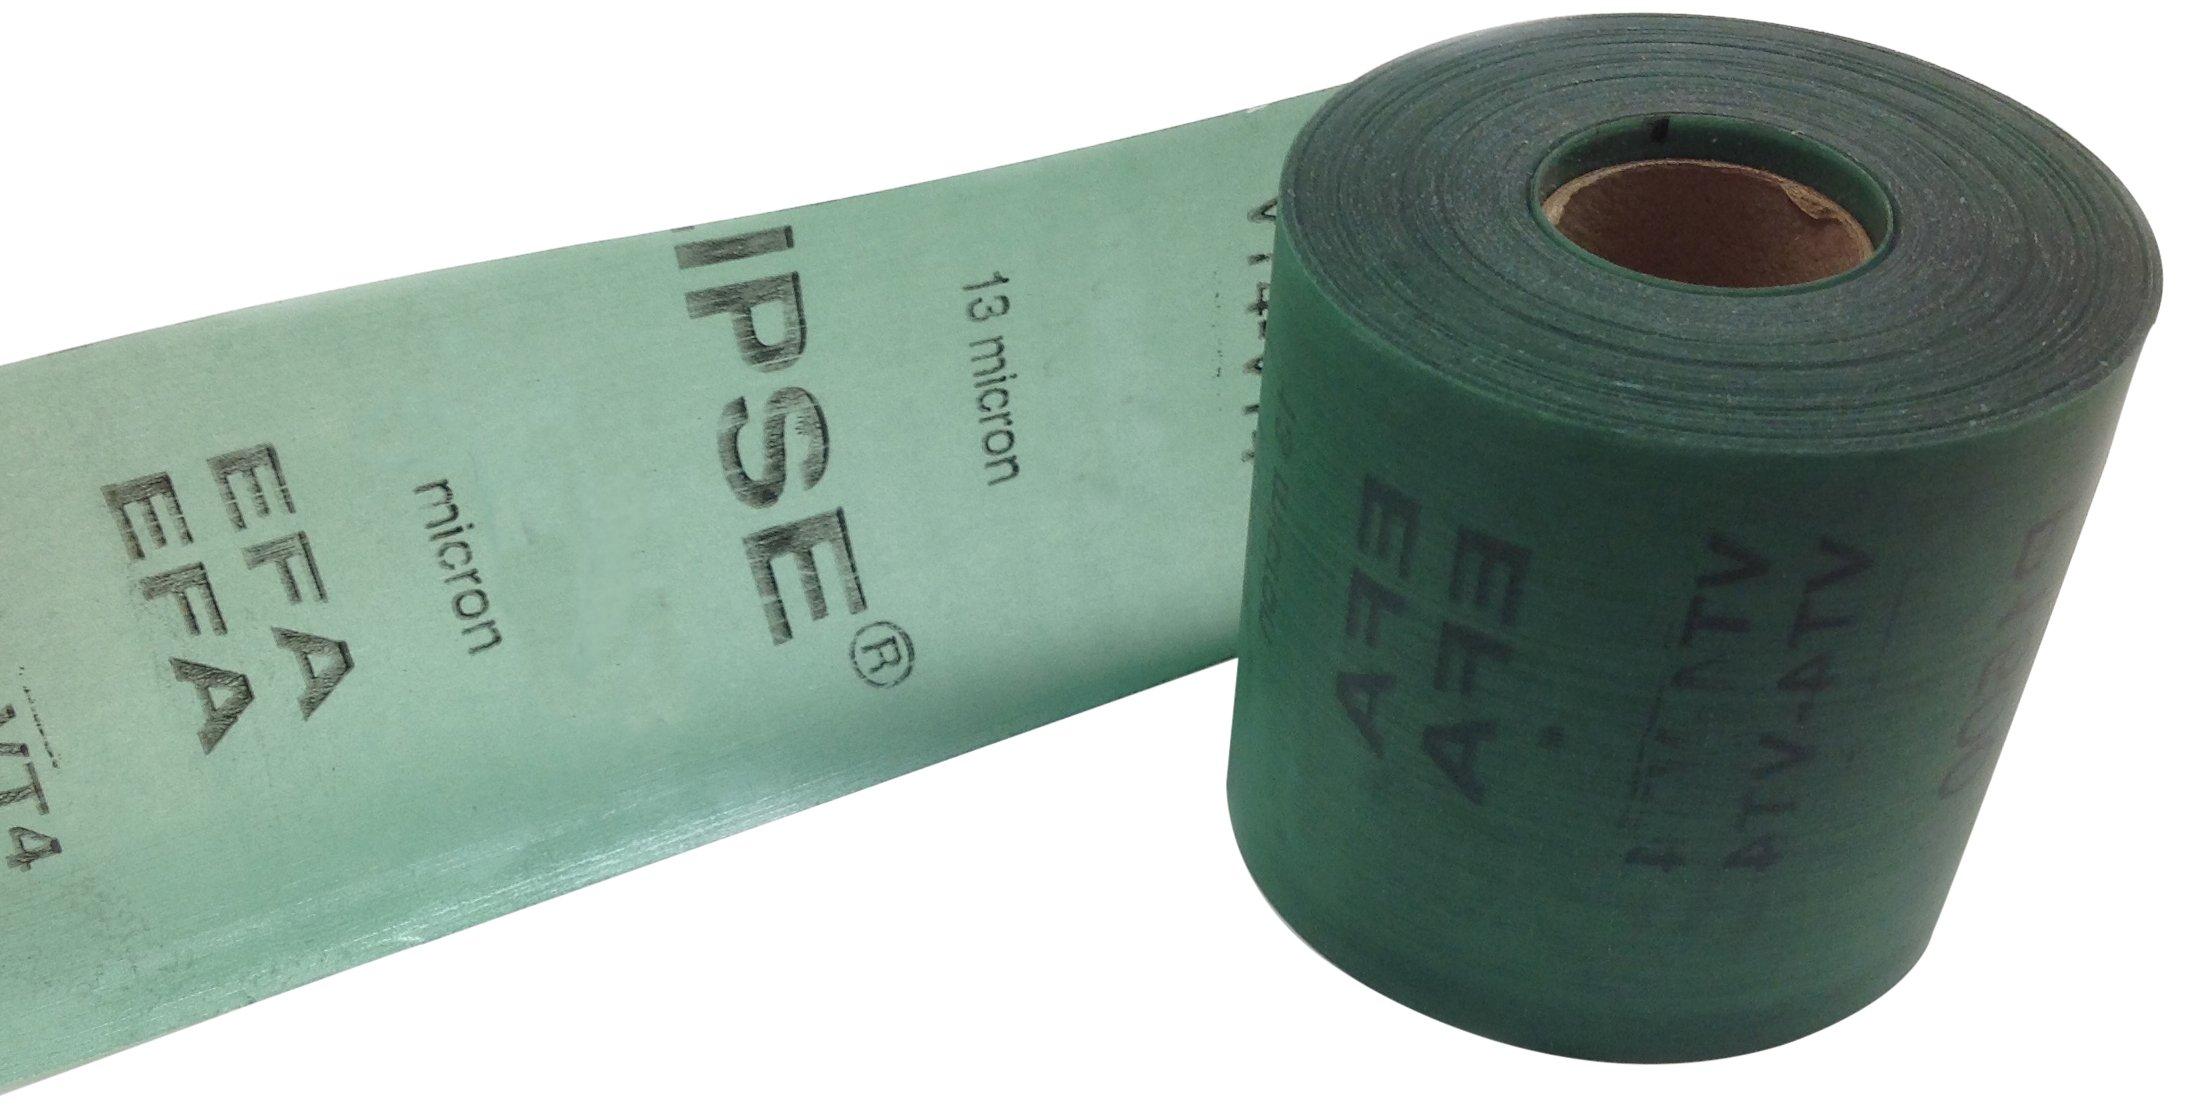 Sungold Abrasives 01720 Eclipse Film  800 Grit PSA Sticky Back Rolls 25 Yards, 2-3/4-inch by Sungold Abrasives